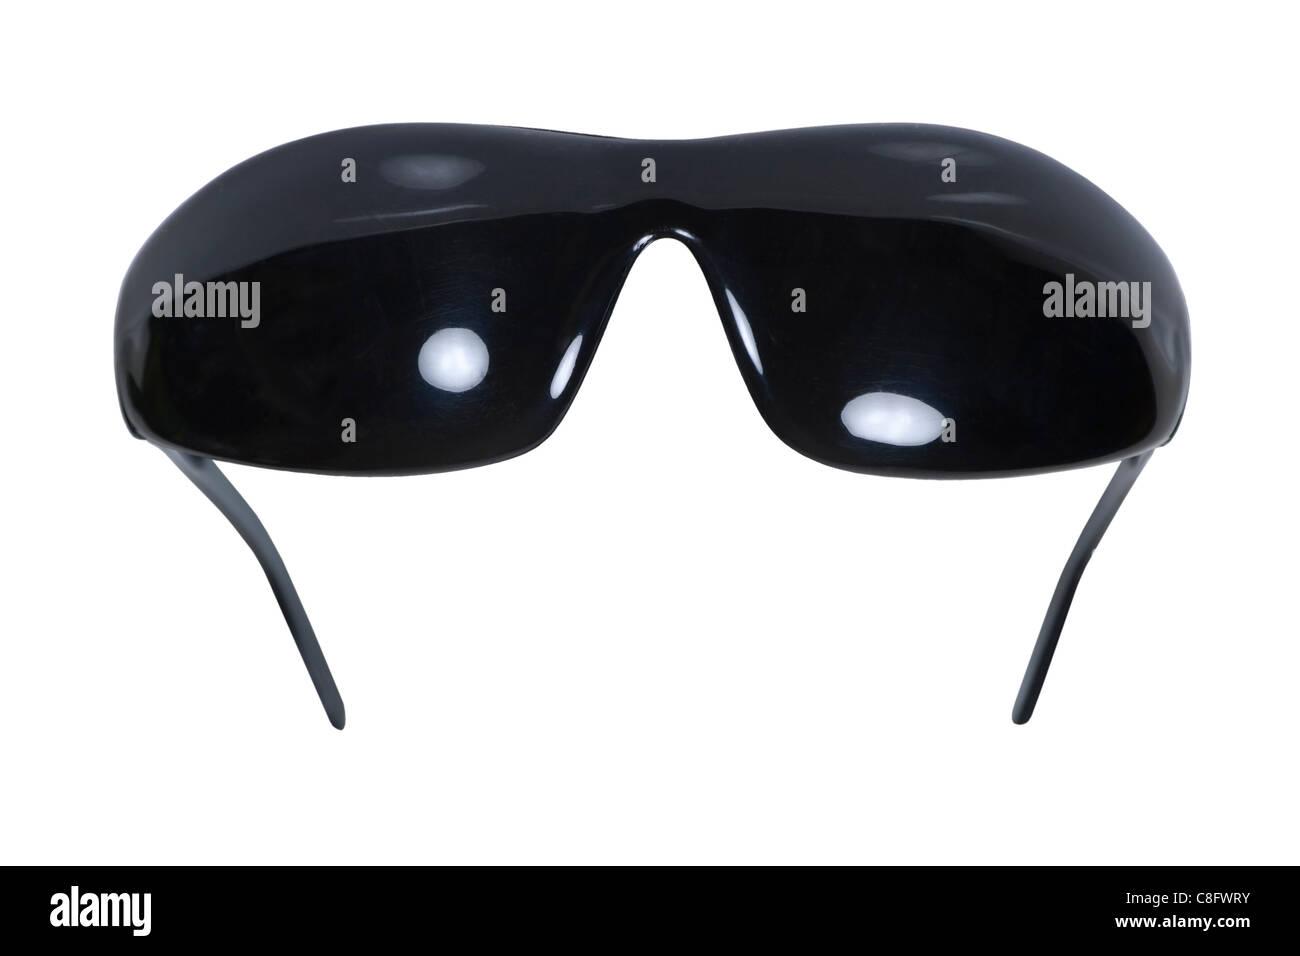 Dunkel getönte Blackout-Brille zum Schutz der Augen und blinde Augen - Pfad enthalten decken Stockbild